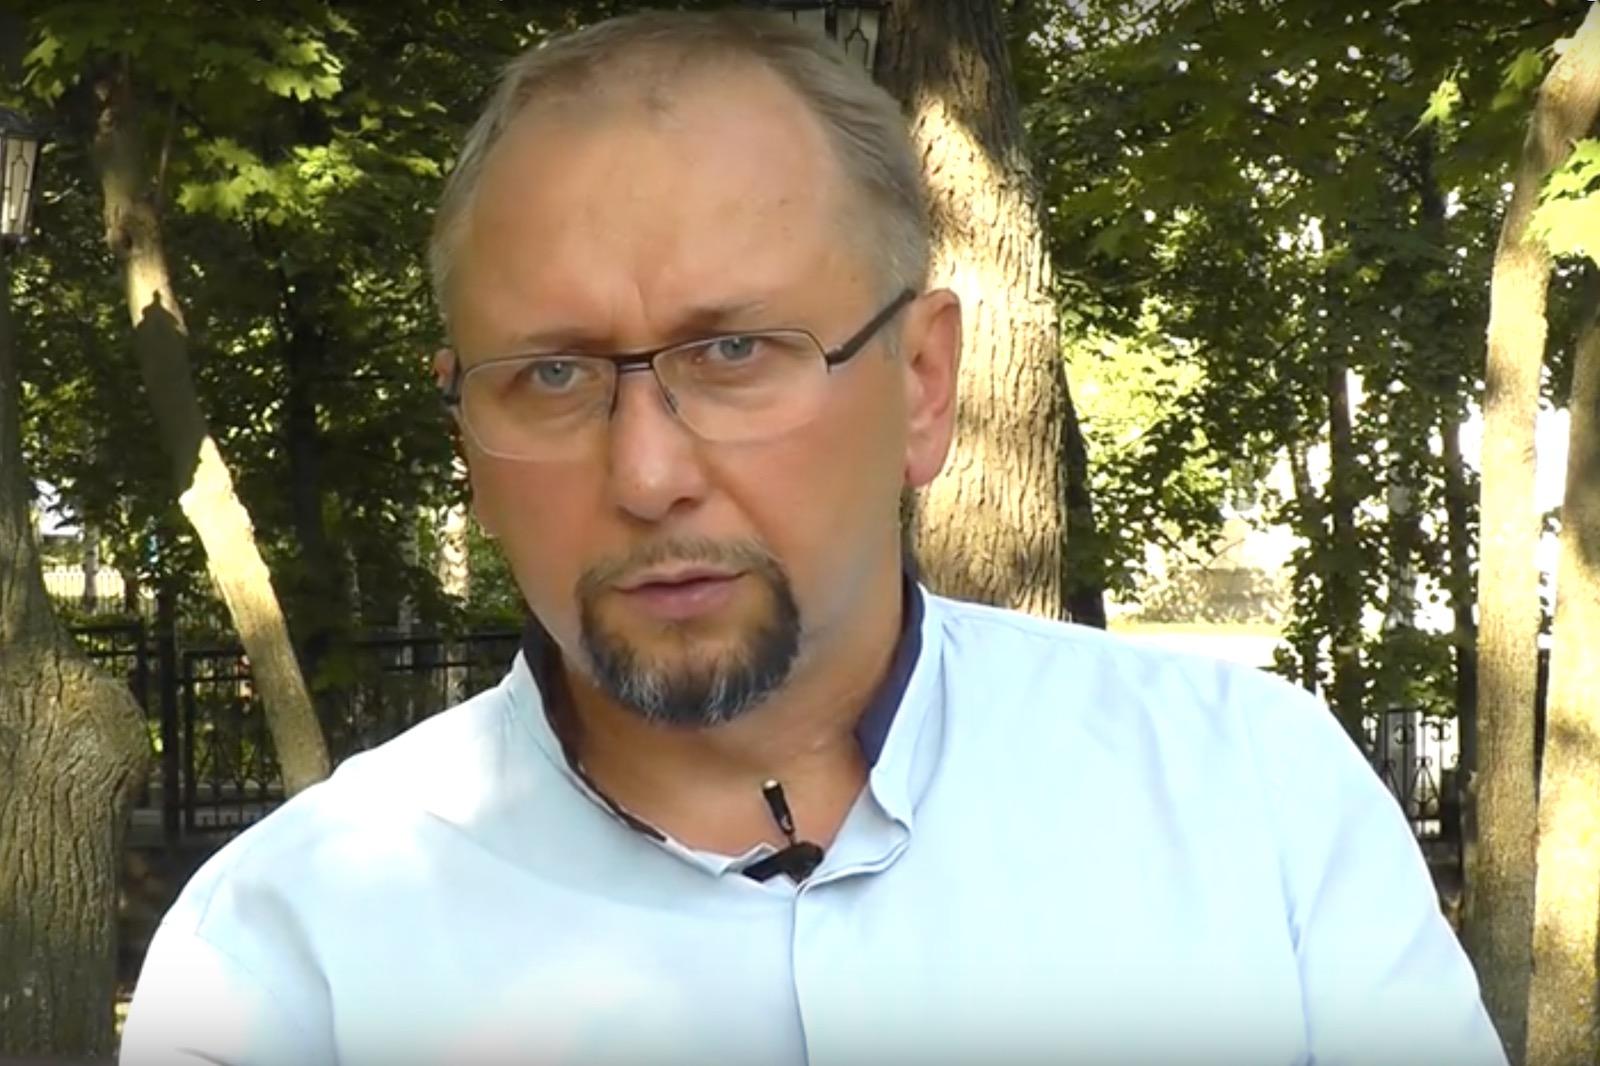 Тех, кто мечтает о халифате, ждет разочарование – мусульманский блогер